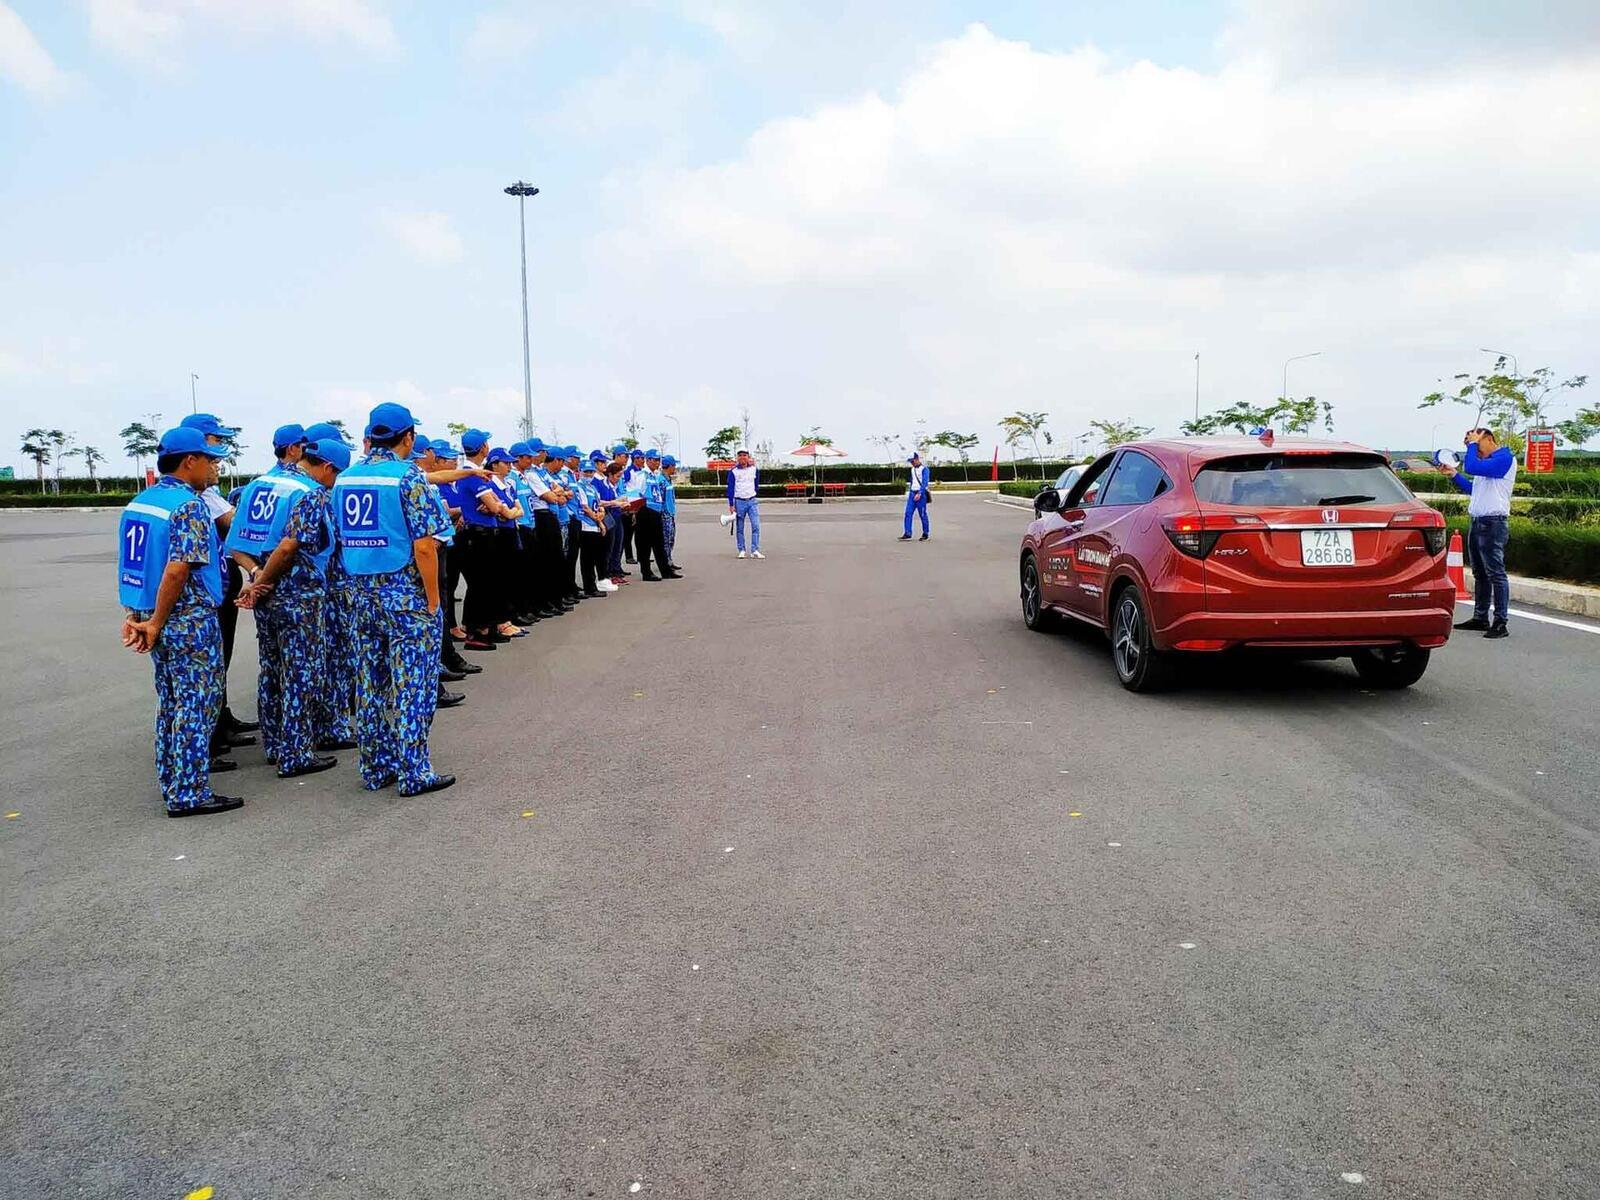 Đại lý Ôtô Honda không ngừng đẩy mạnh hoạt động  đào tạo lái xe an toàn trong cộng đồng - Hình 4